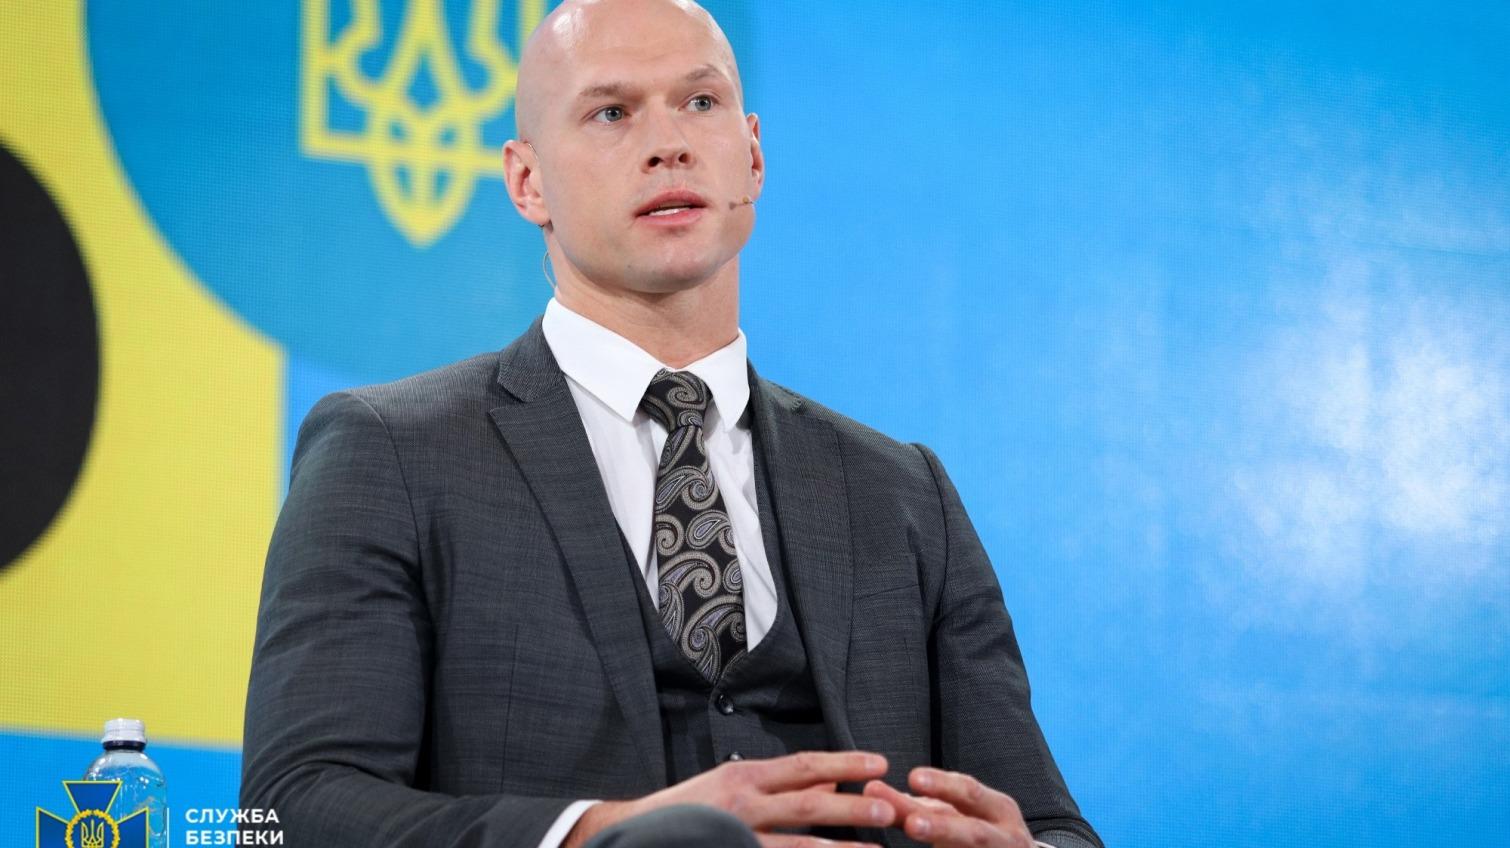 Спецслужбы РФ продолжают работу против Украины при помощи Telegram-каналов, – начальник кибербезопасности СБУ Илья Витюк «фото»